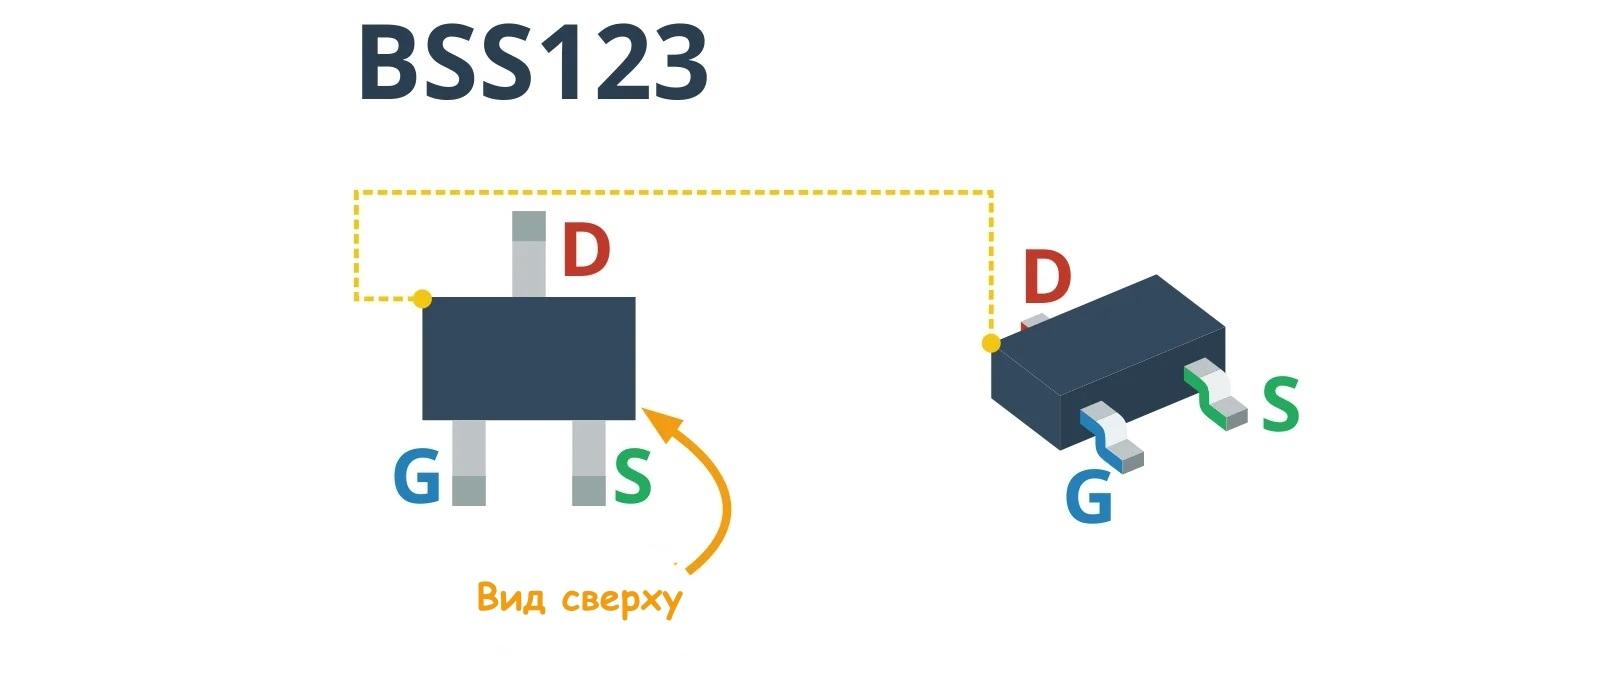 Описание выводов SMD транзистора BSS123